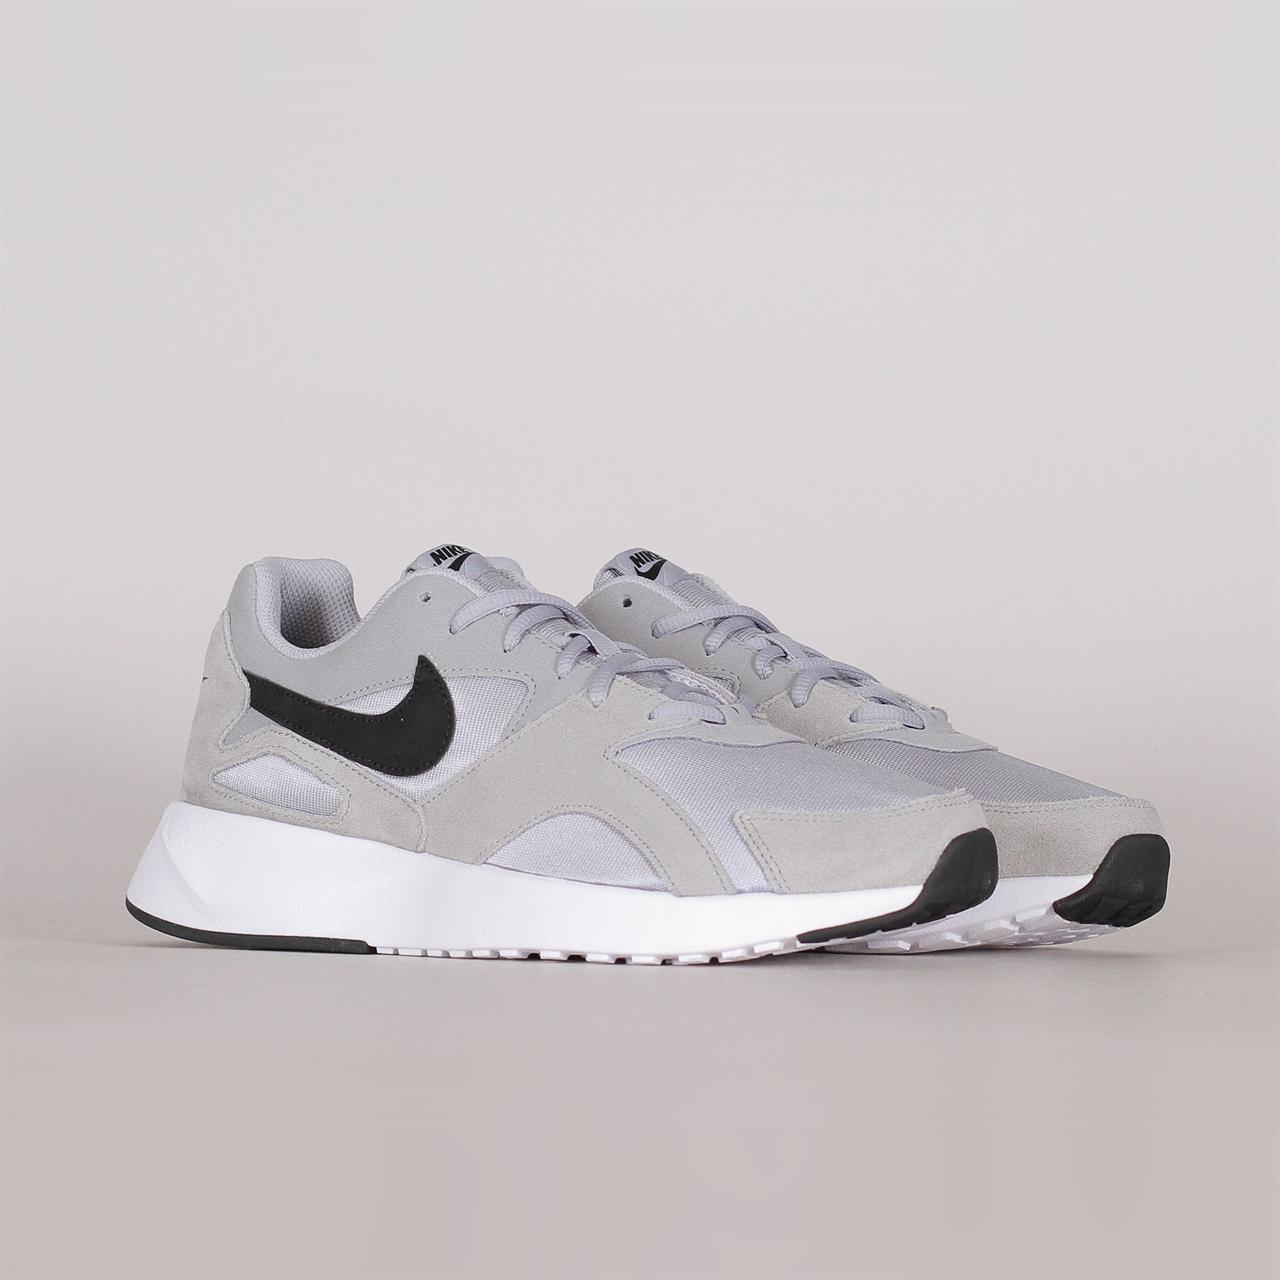 Shelta - Nike Sportswear Pantheos (916776-002) f4b19855e4b8